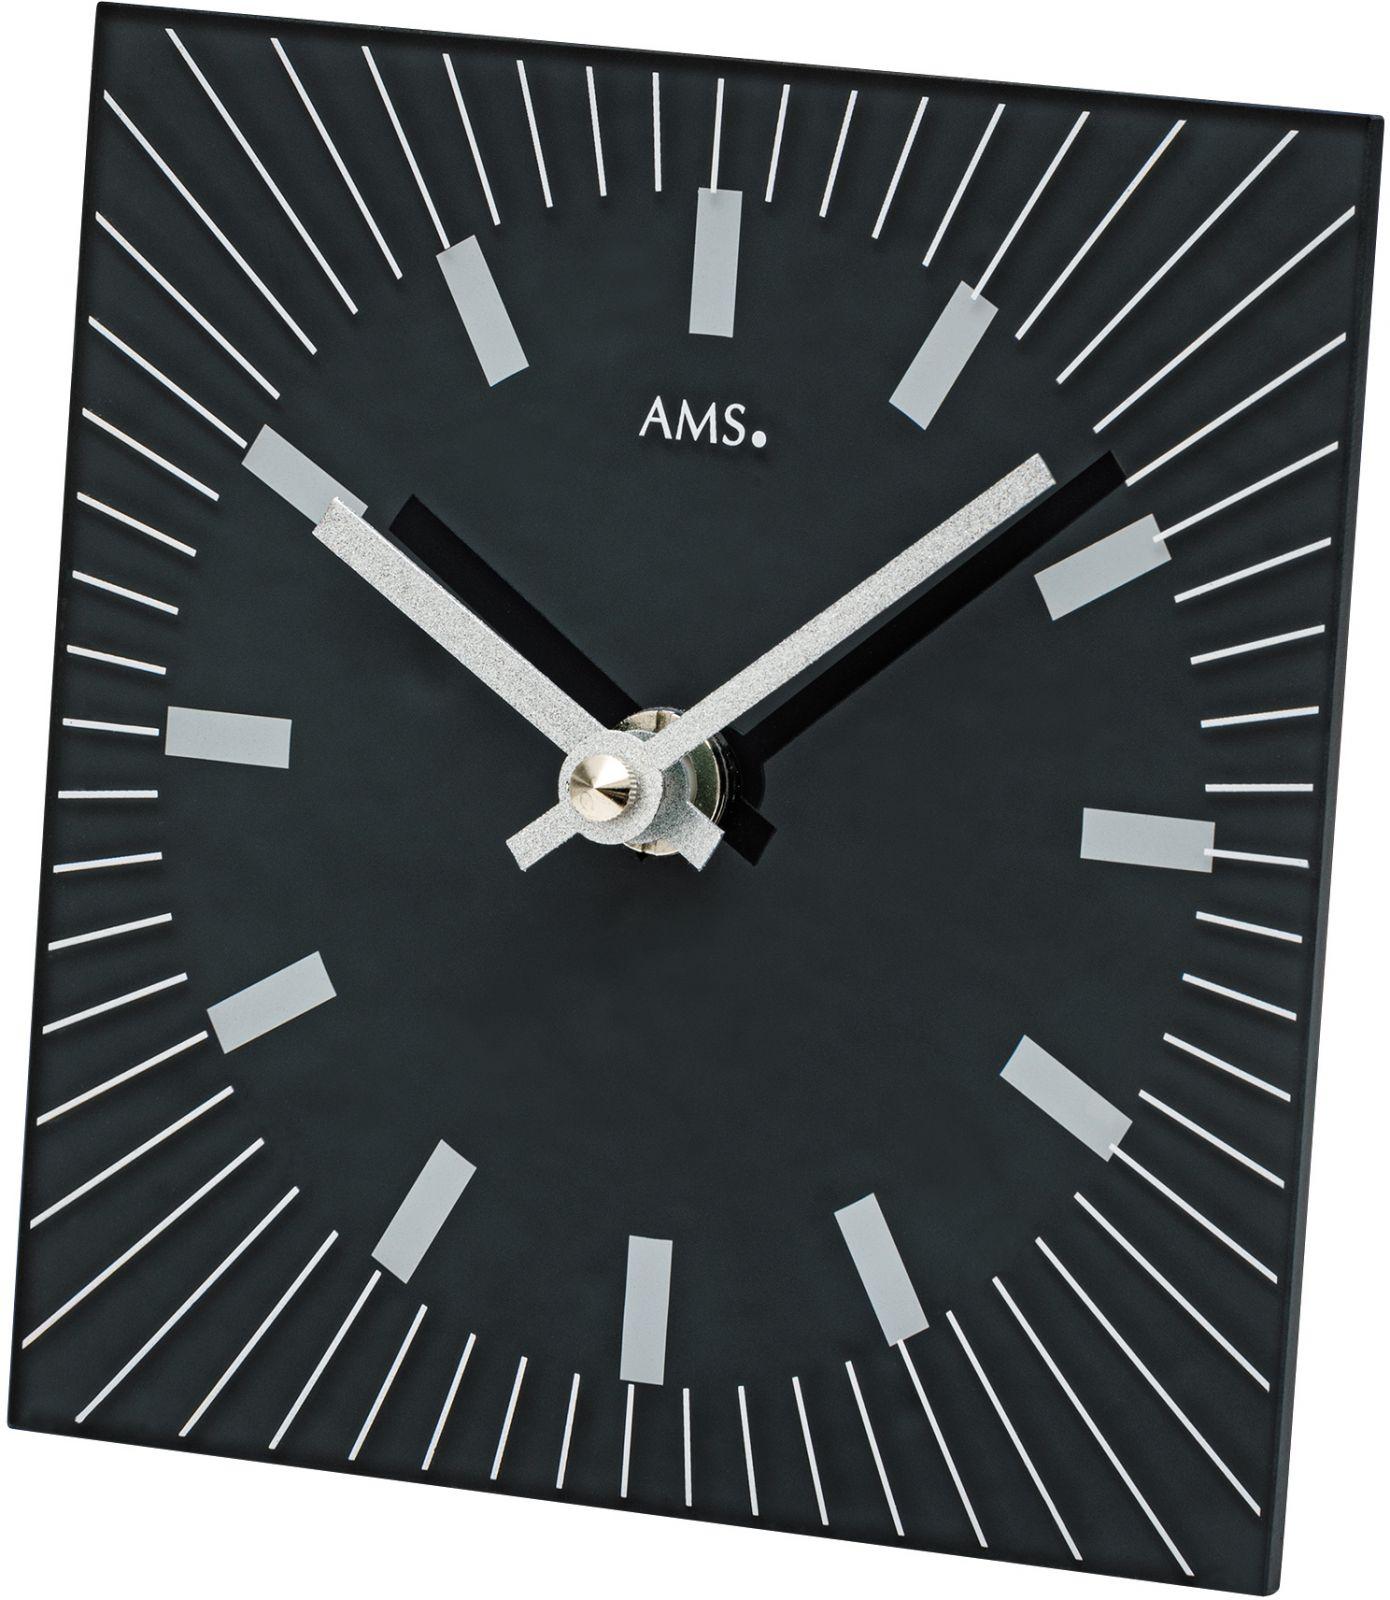 Stolní hodiny quartzové ams 1158 černá čtverec